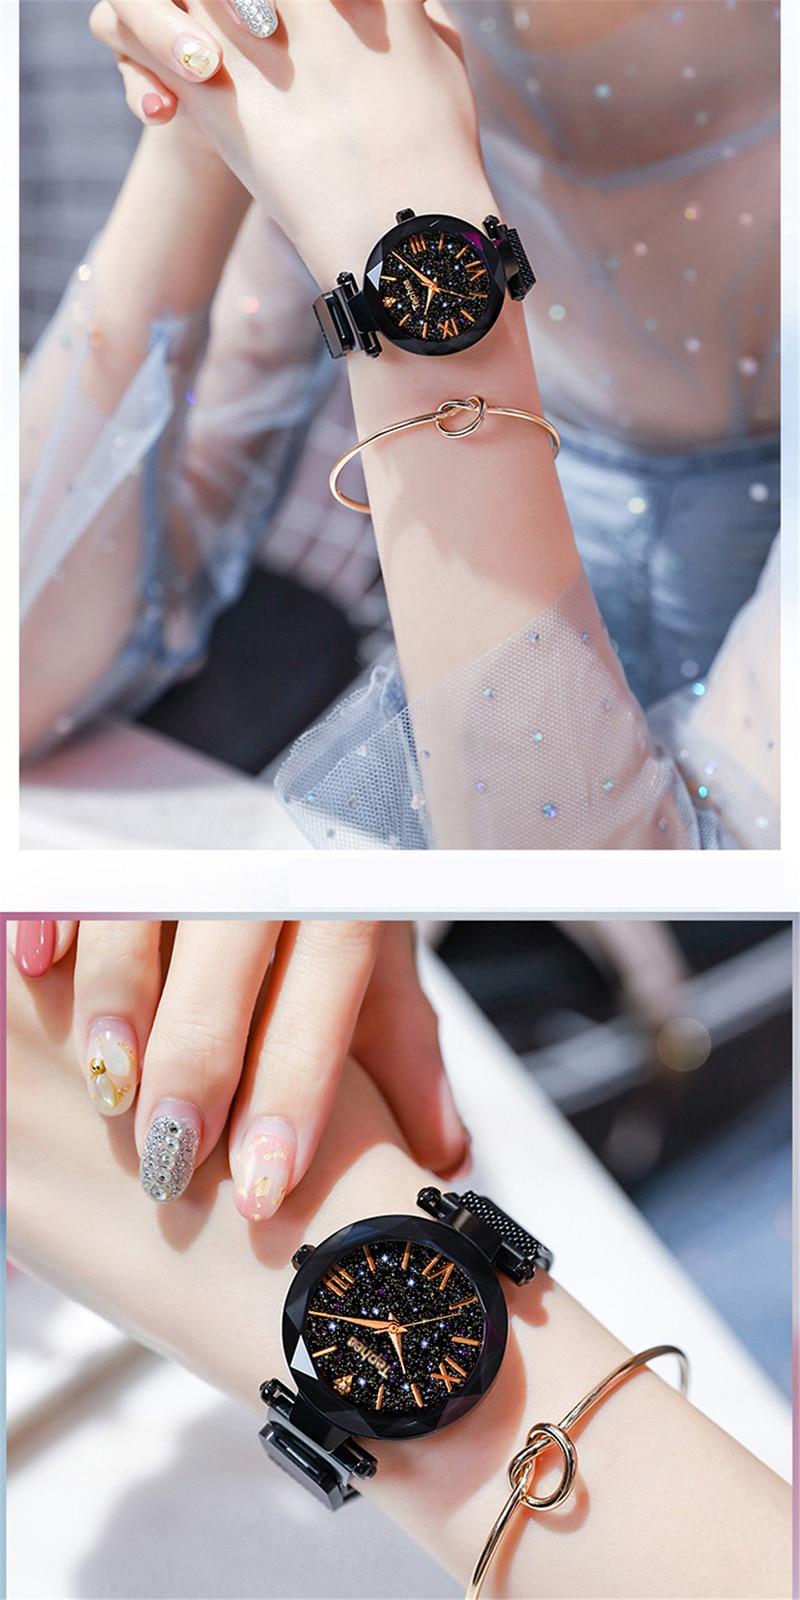 Luxury Women Watches Magnetic Starry Sky Female Clock Quartz Wristwatch Fashion Ladies Wrist Watch reloj mujer relogio feminino (13)